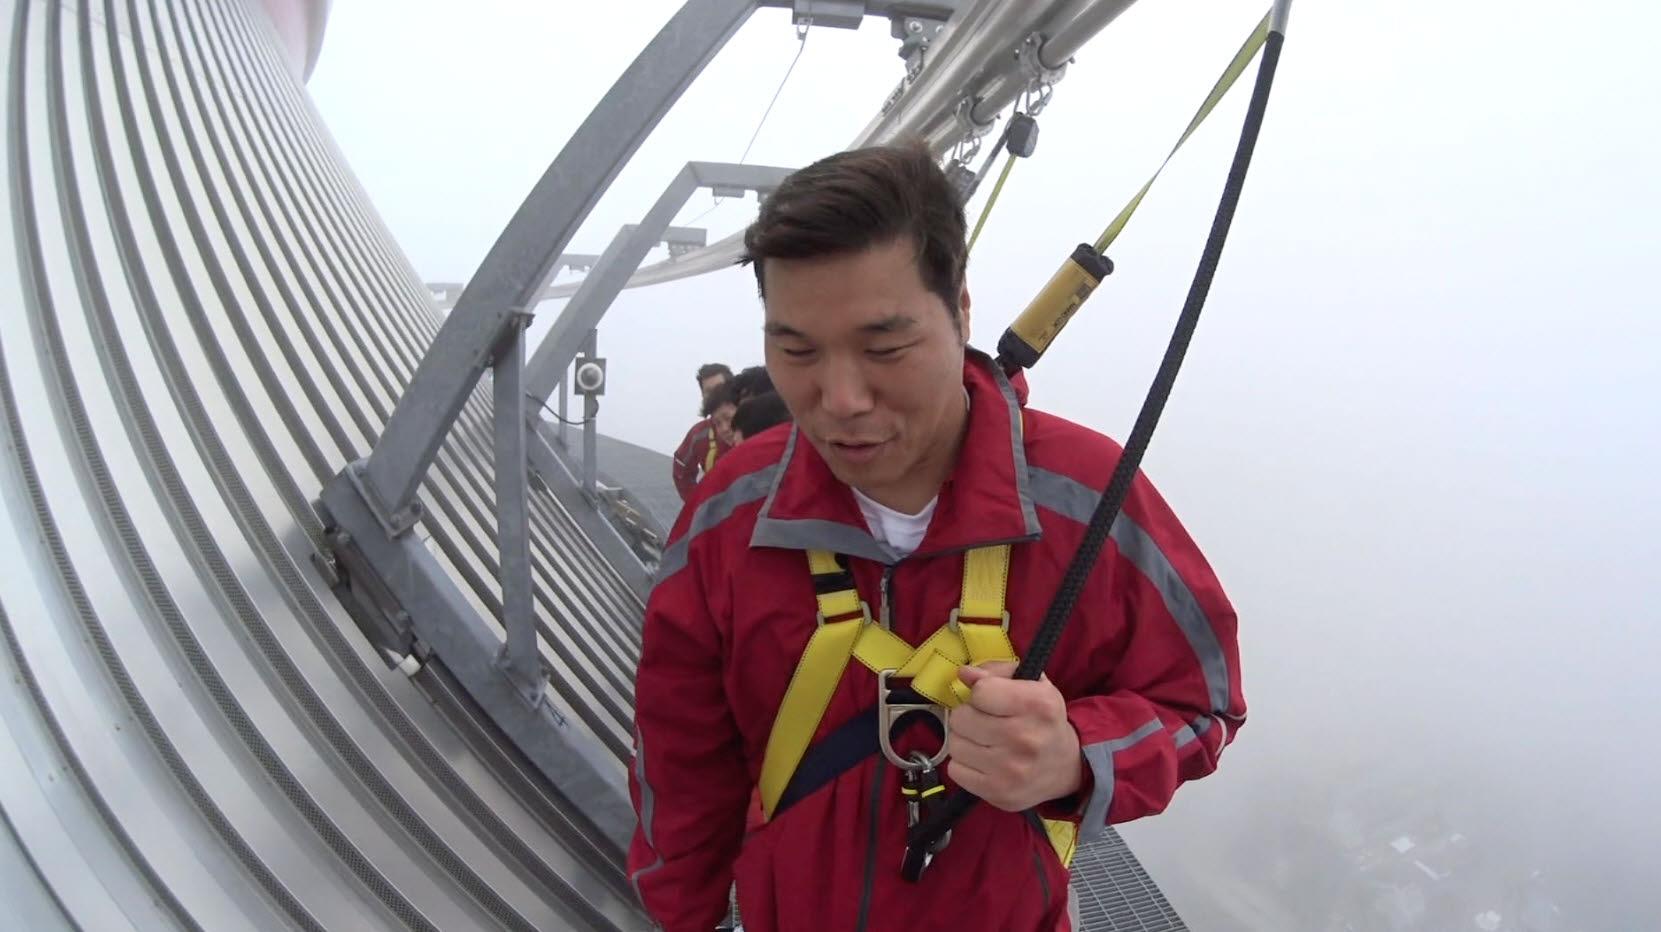 <뭉쳐야 뜬다> 서장훈, CN타워 356m 높이 공중 산책 도전에 '사색'